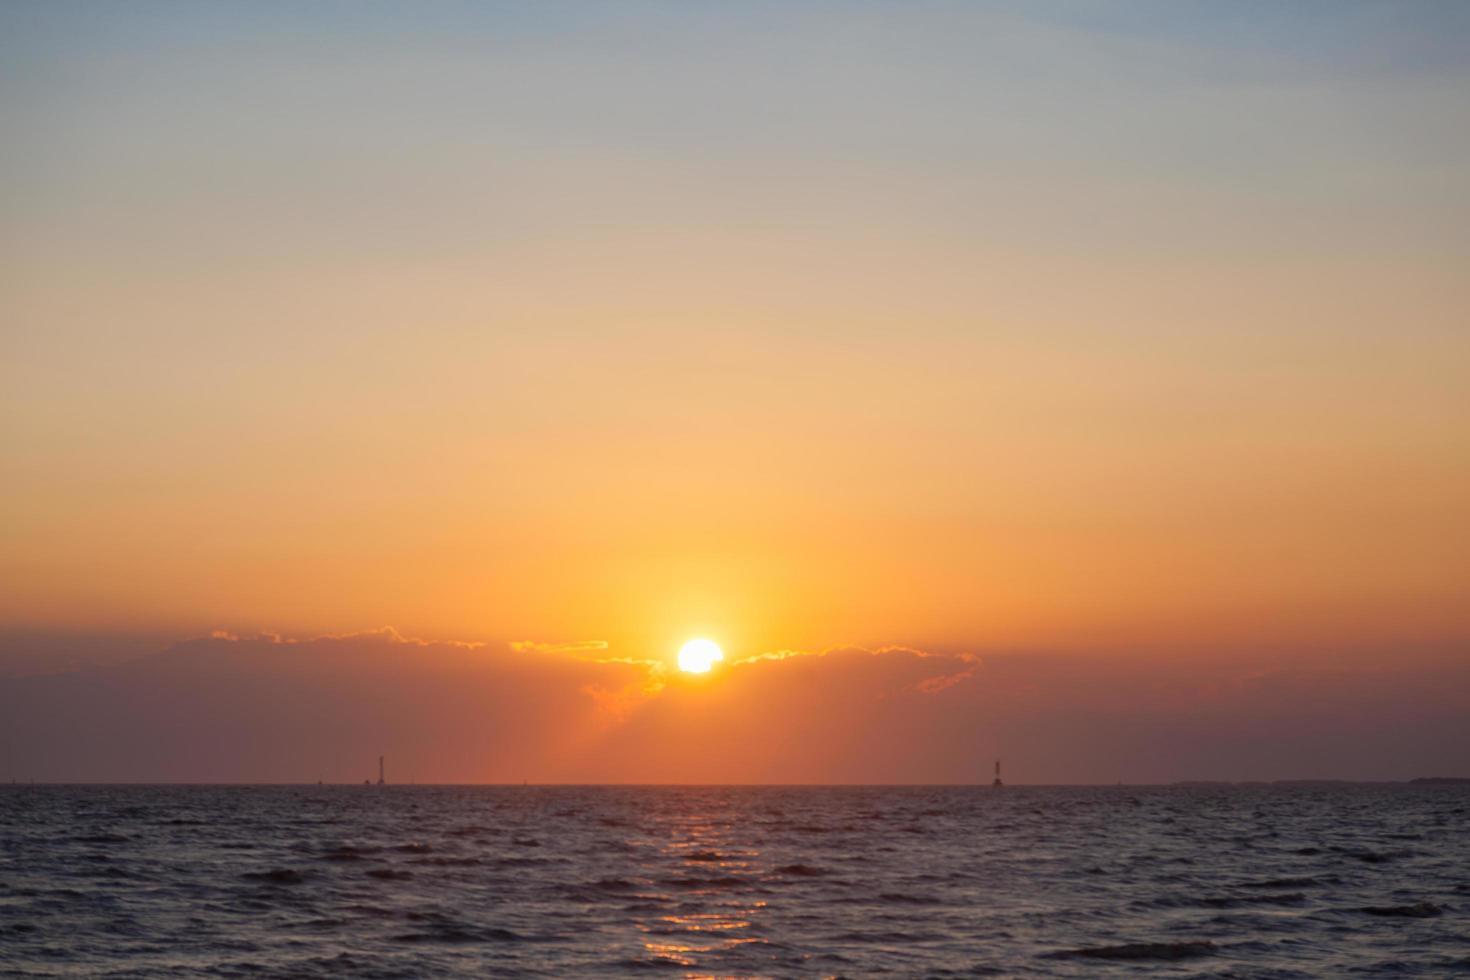 lever du soleil à la mer photo